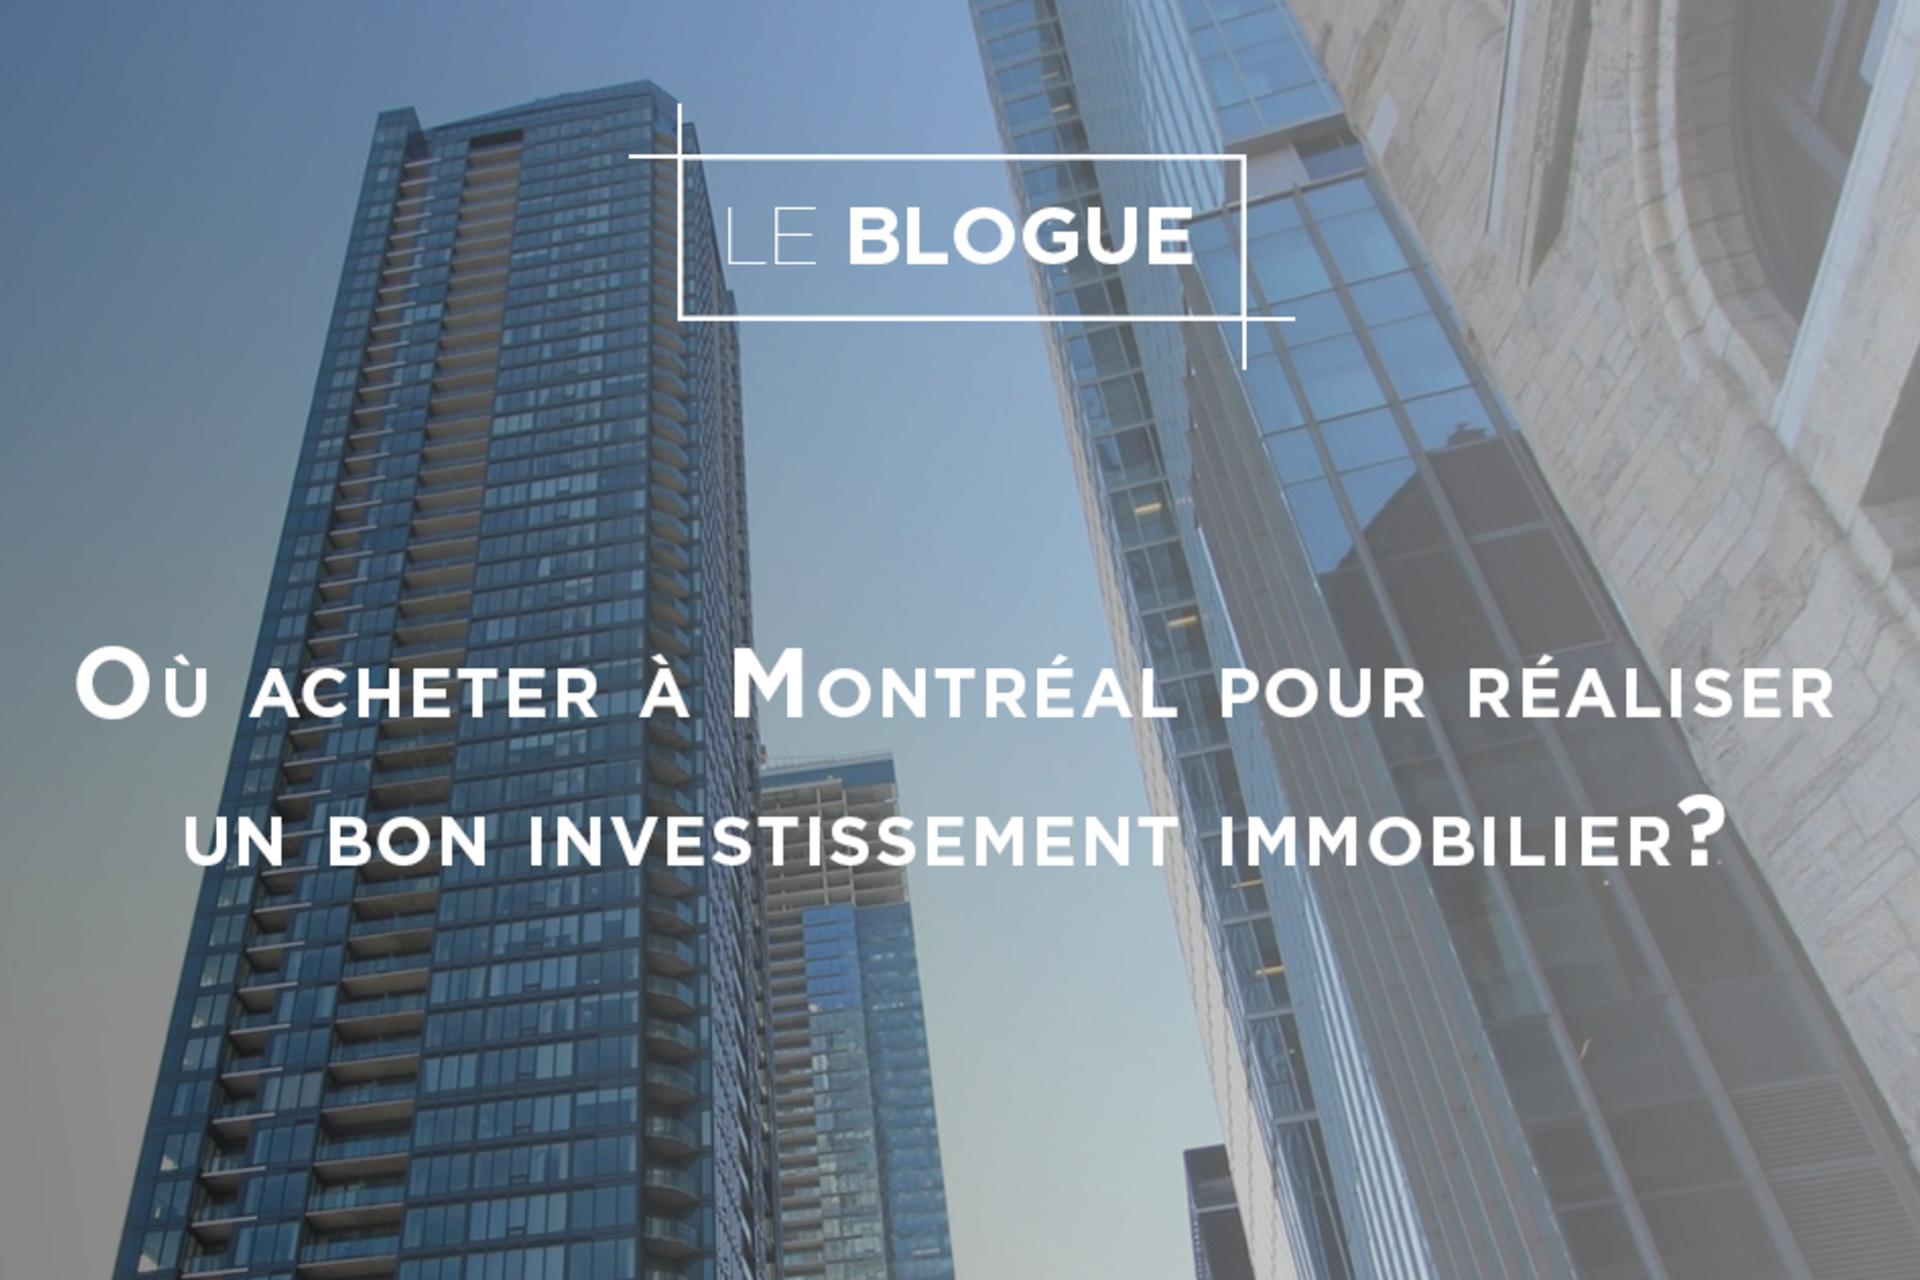 Ou acheter à Montréal pour réaliser un bon investissement immobilier ?